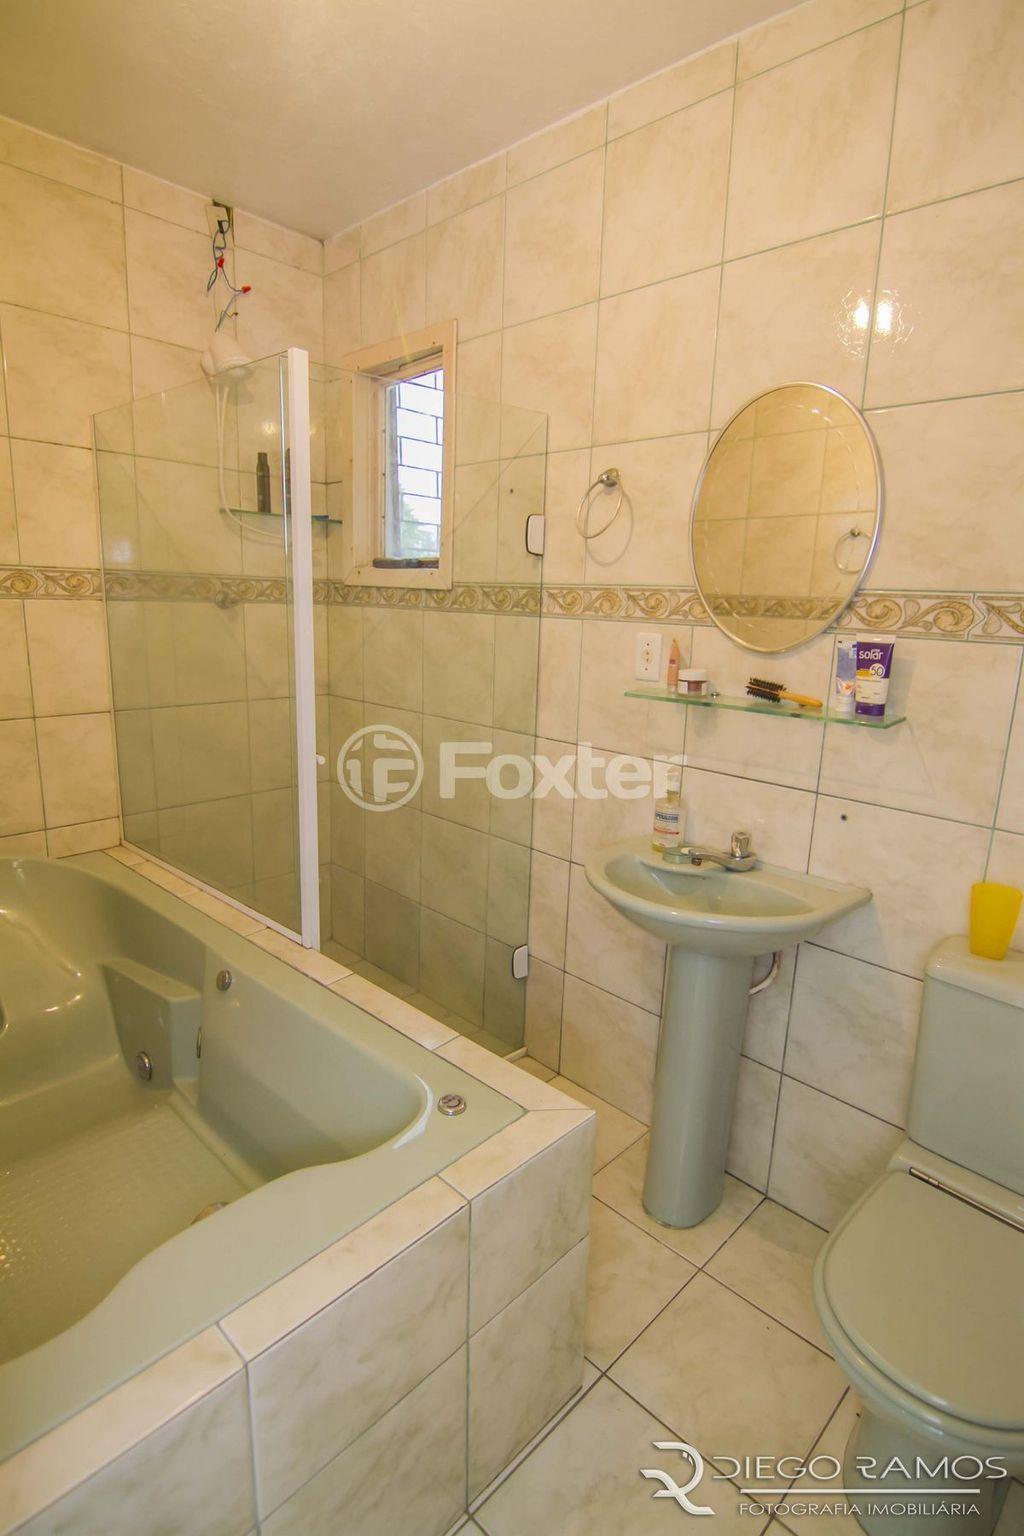 Foxter Imobiliária - Casa 5 Dorm, Belém Velho - Foto 6